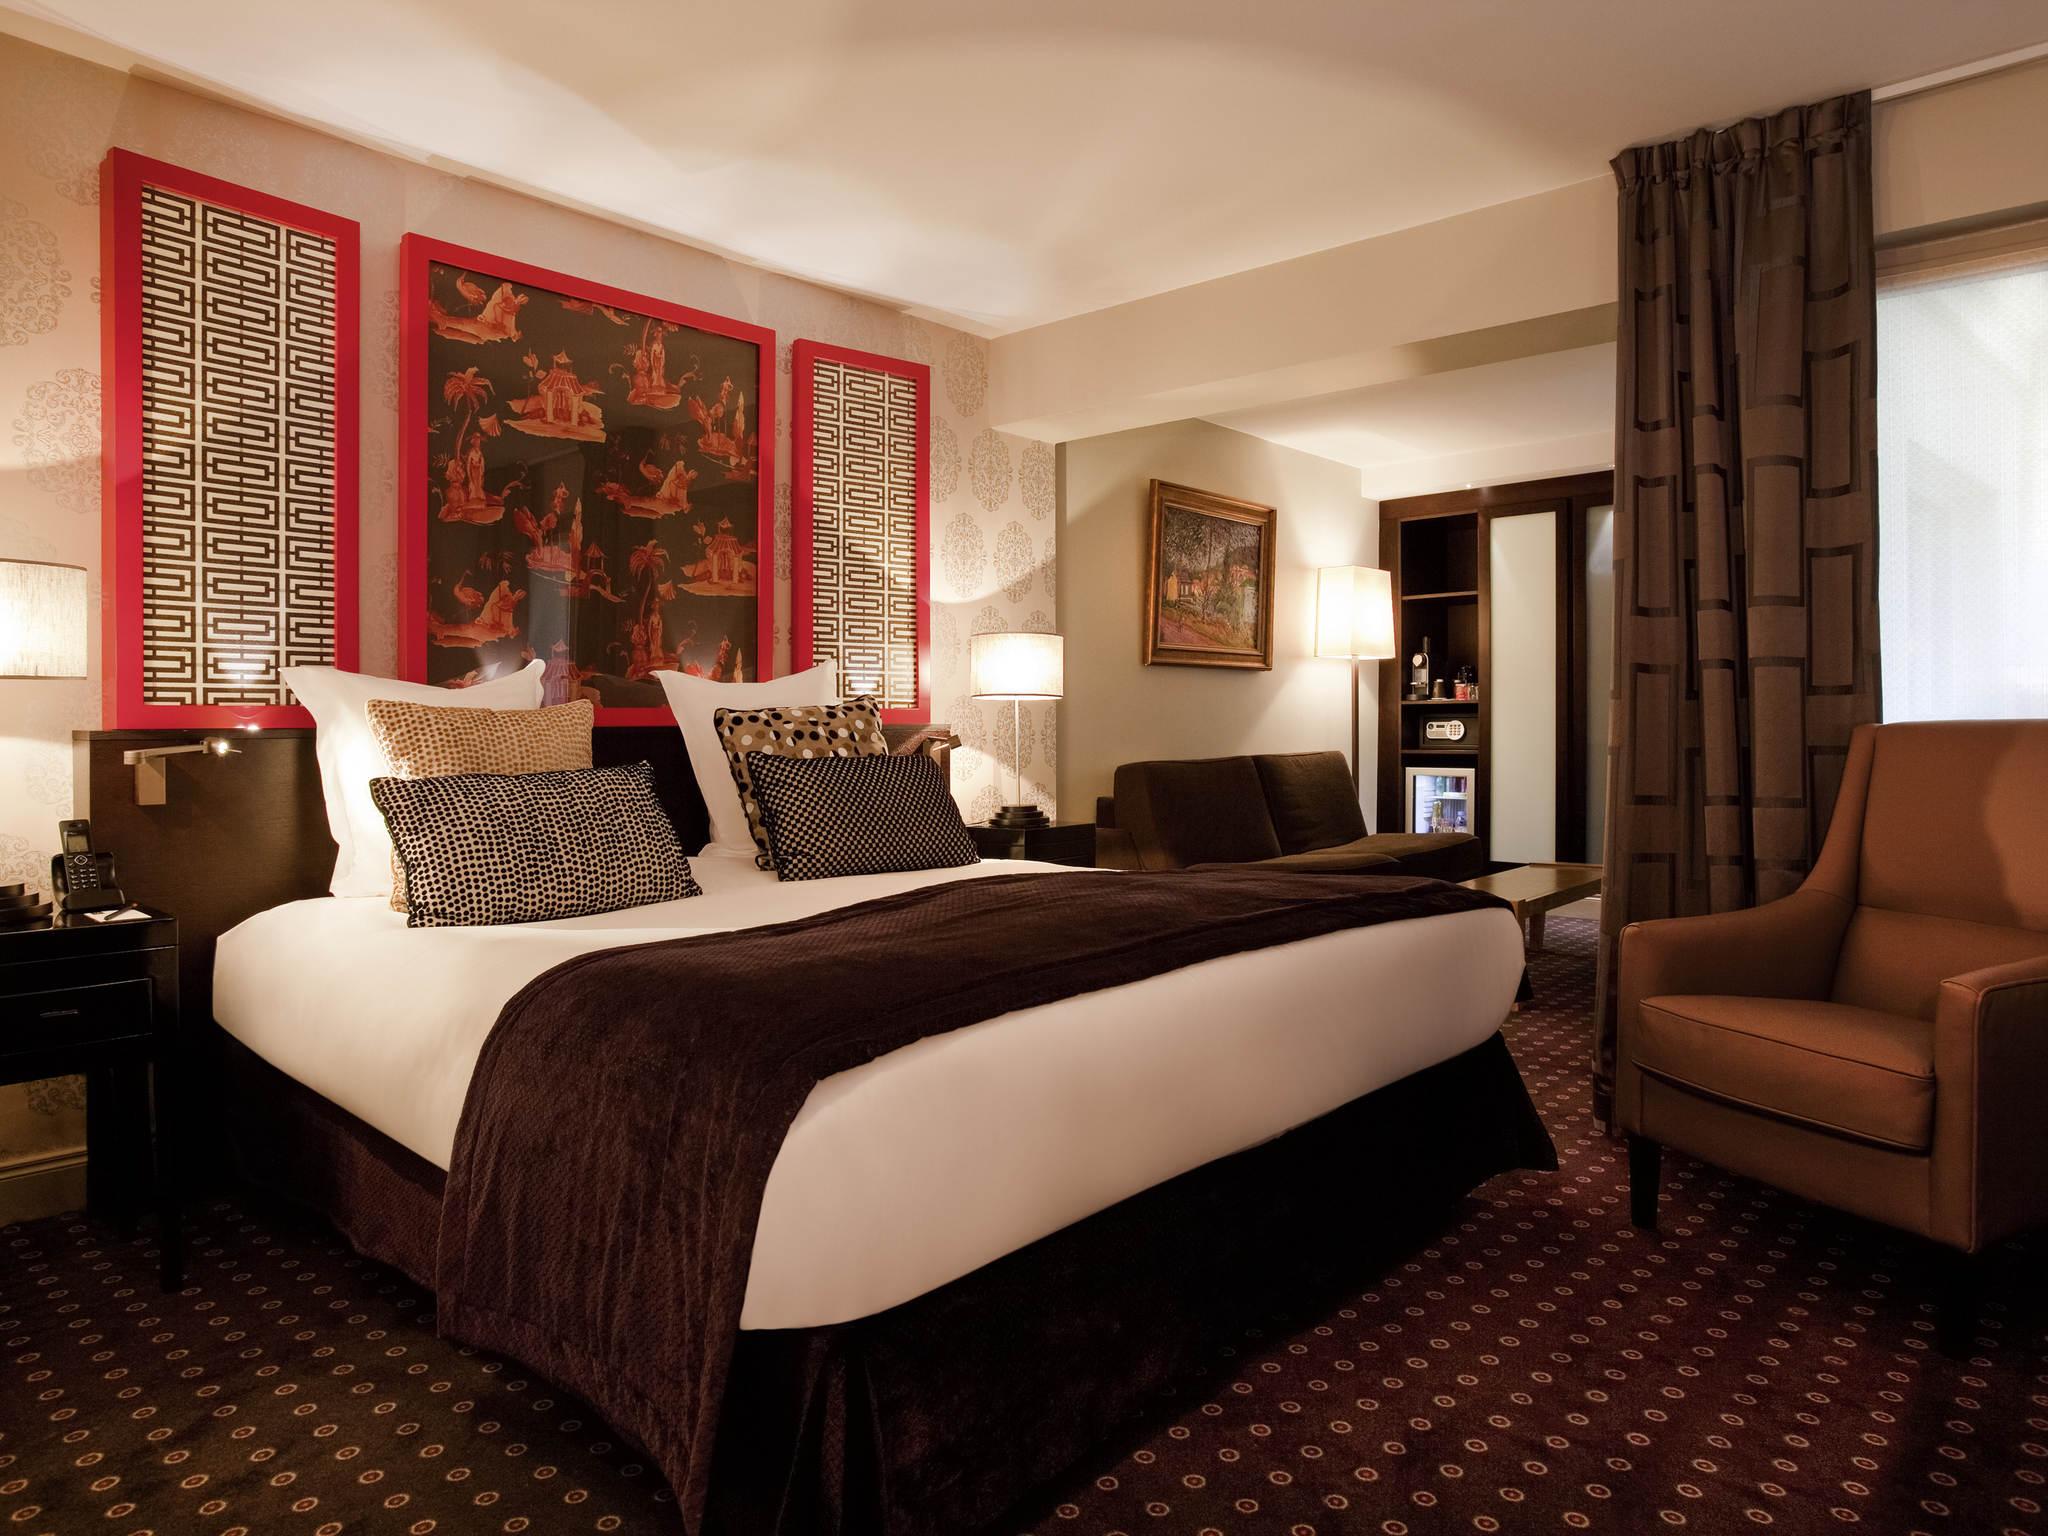 酒店 – 美憬阁索菲特巴黎斯汤达凡多姆广场酒店